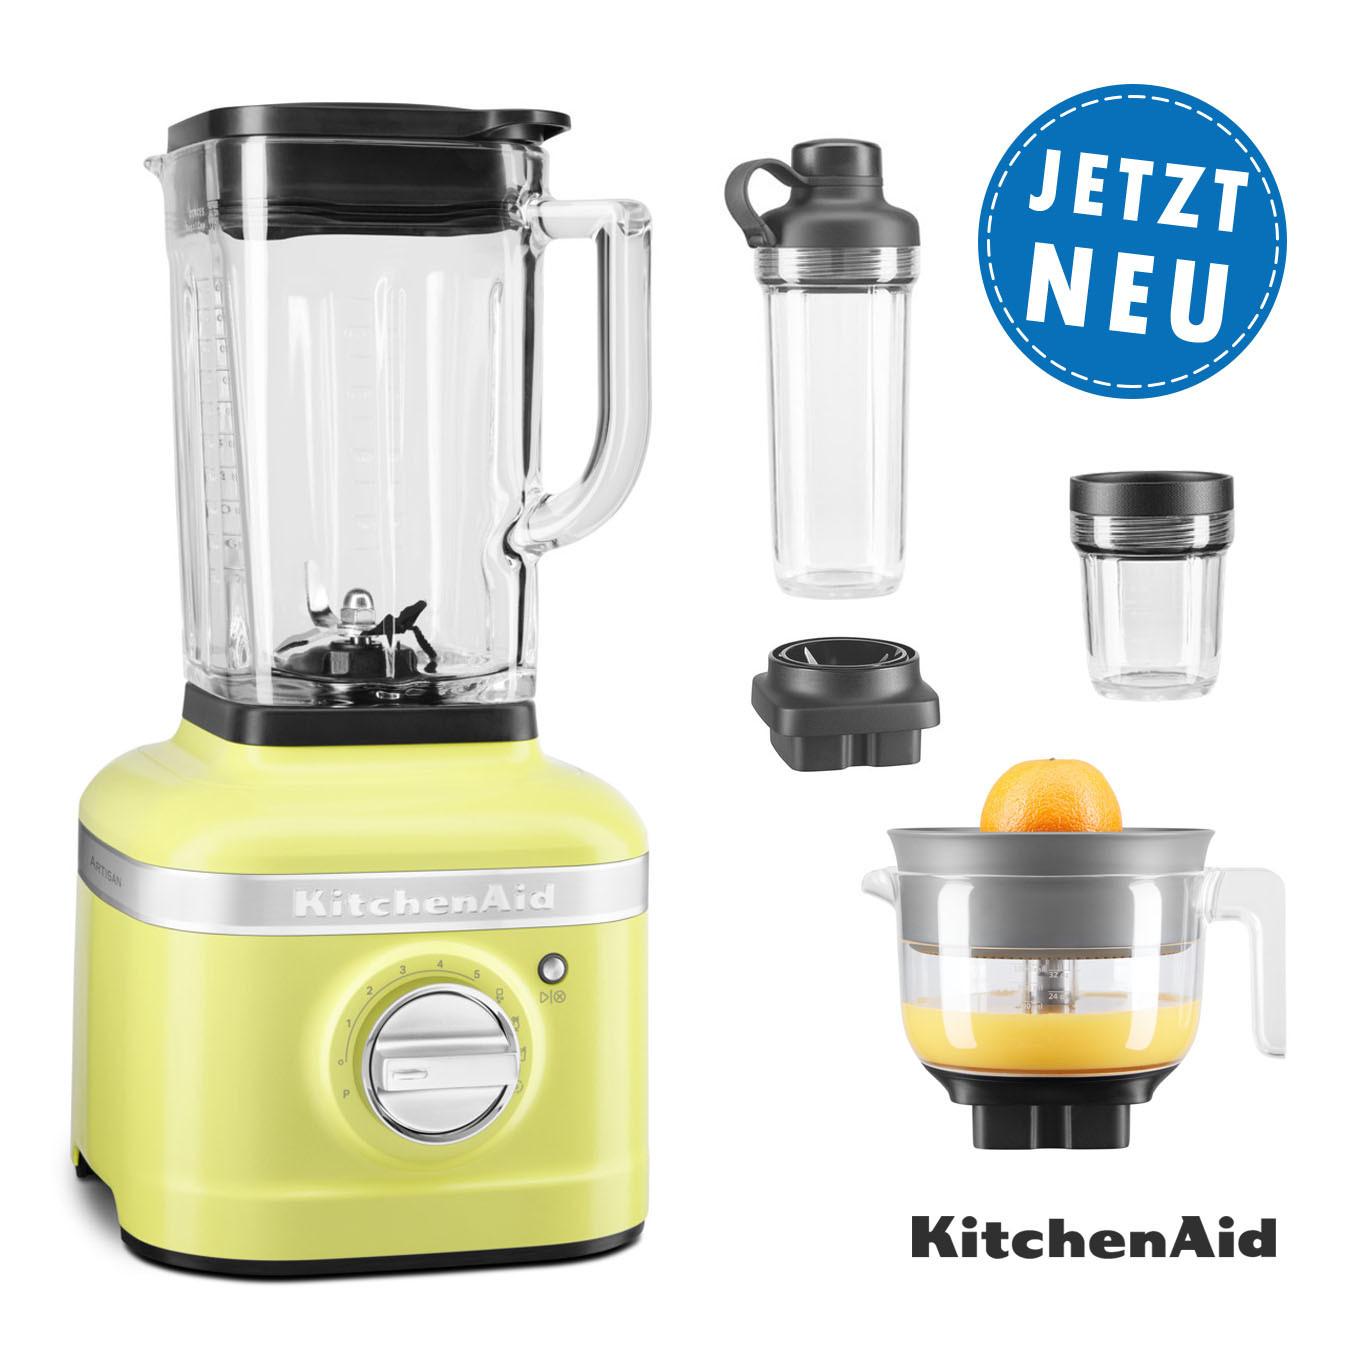 KitchenAid ARTISAN K400 Standmixer 5KSB4026EKG Kyoto Glow Sparpaket